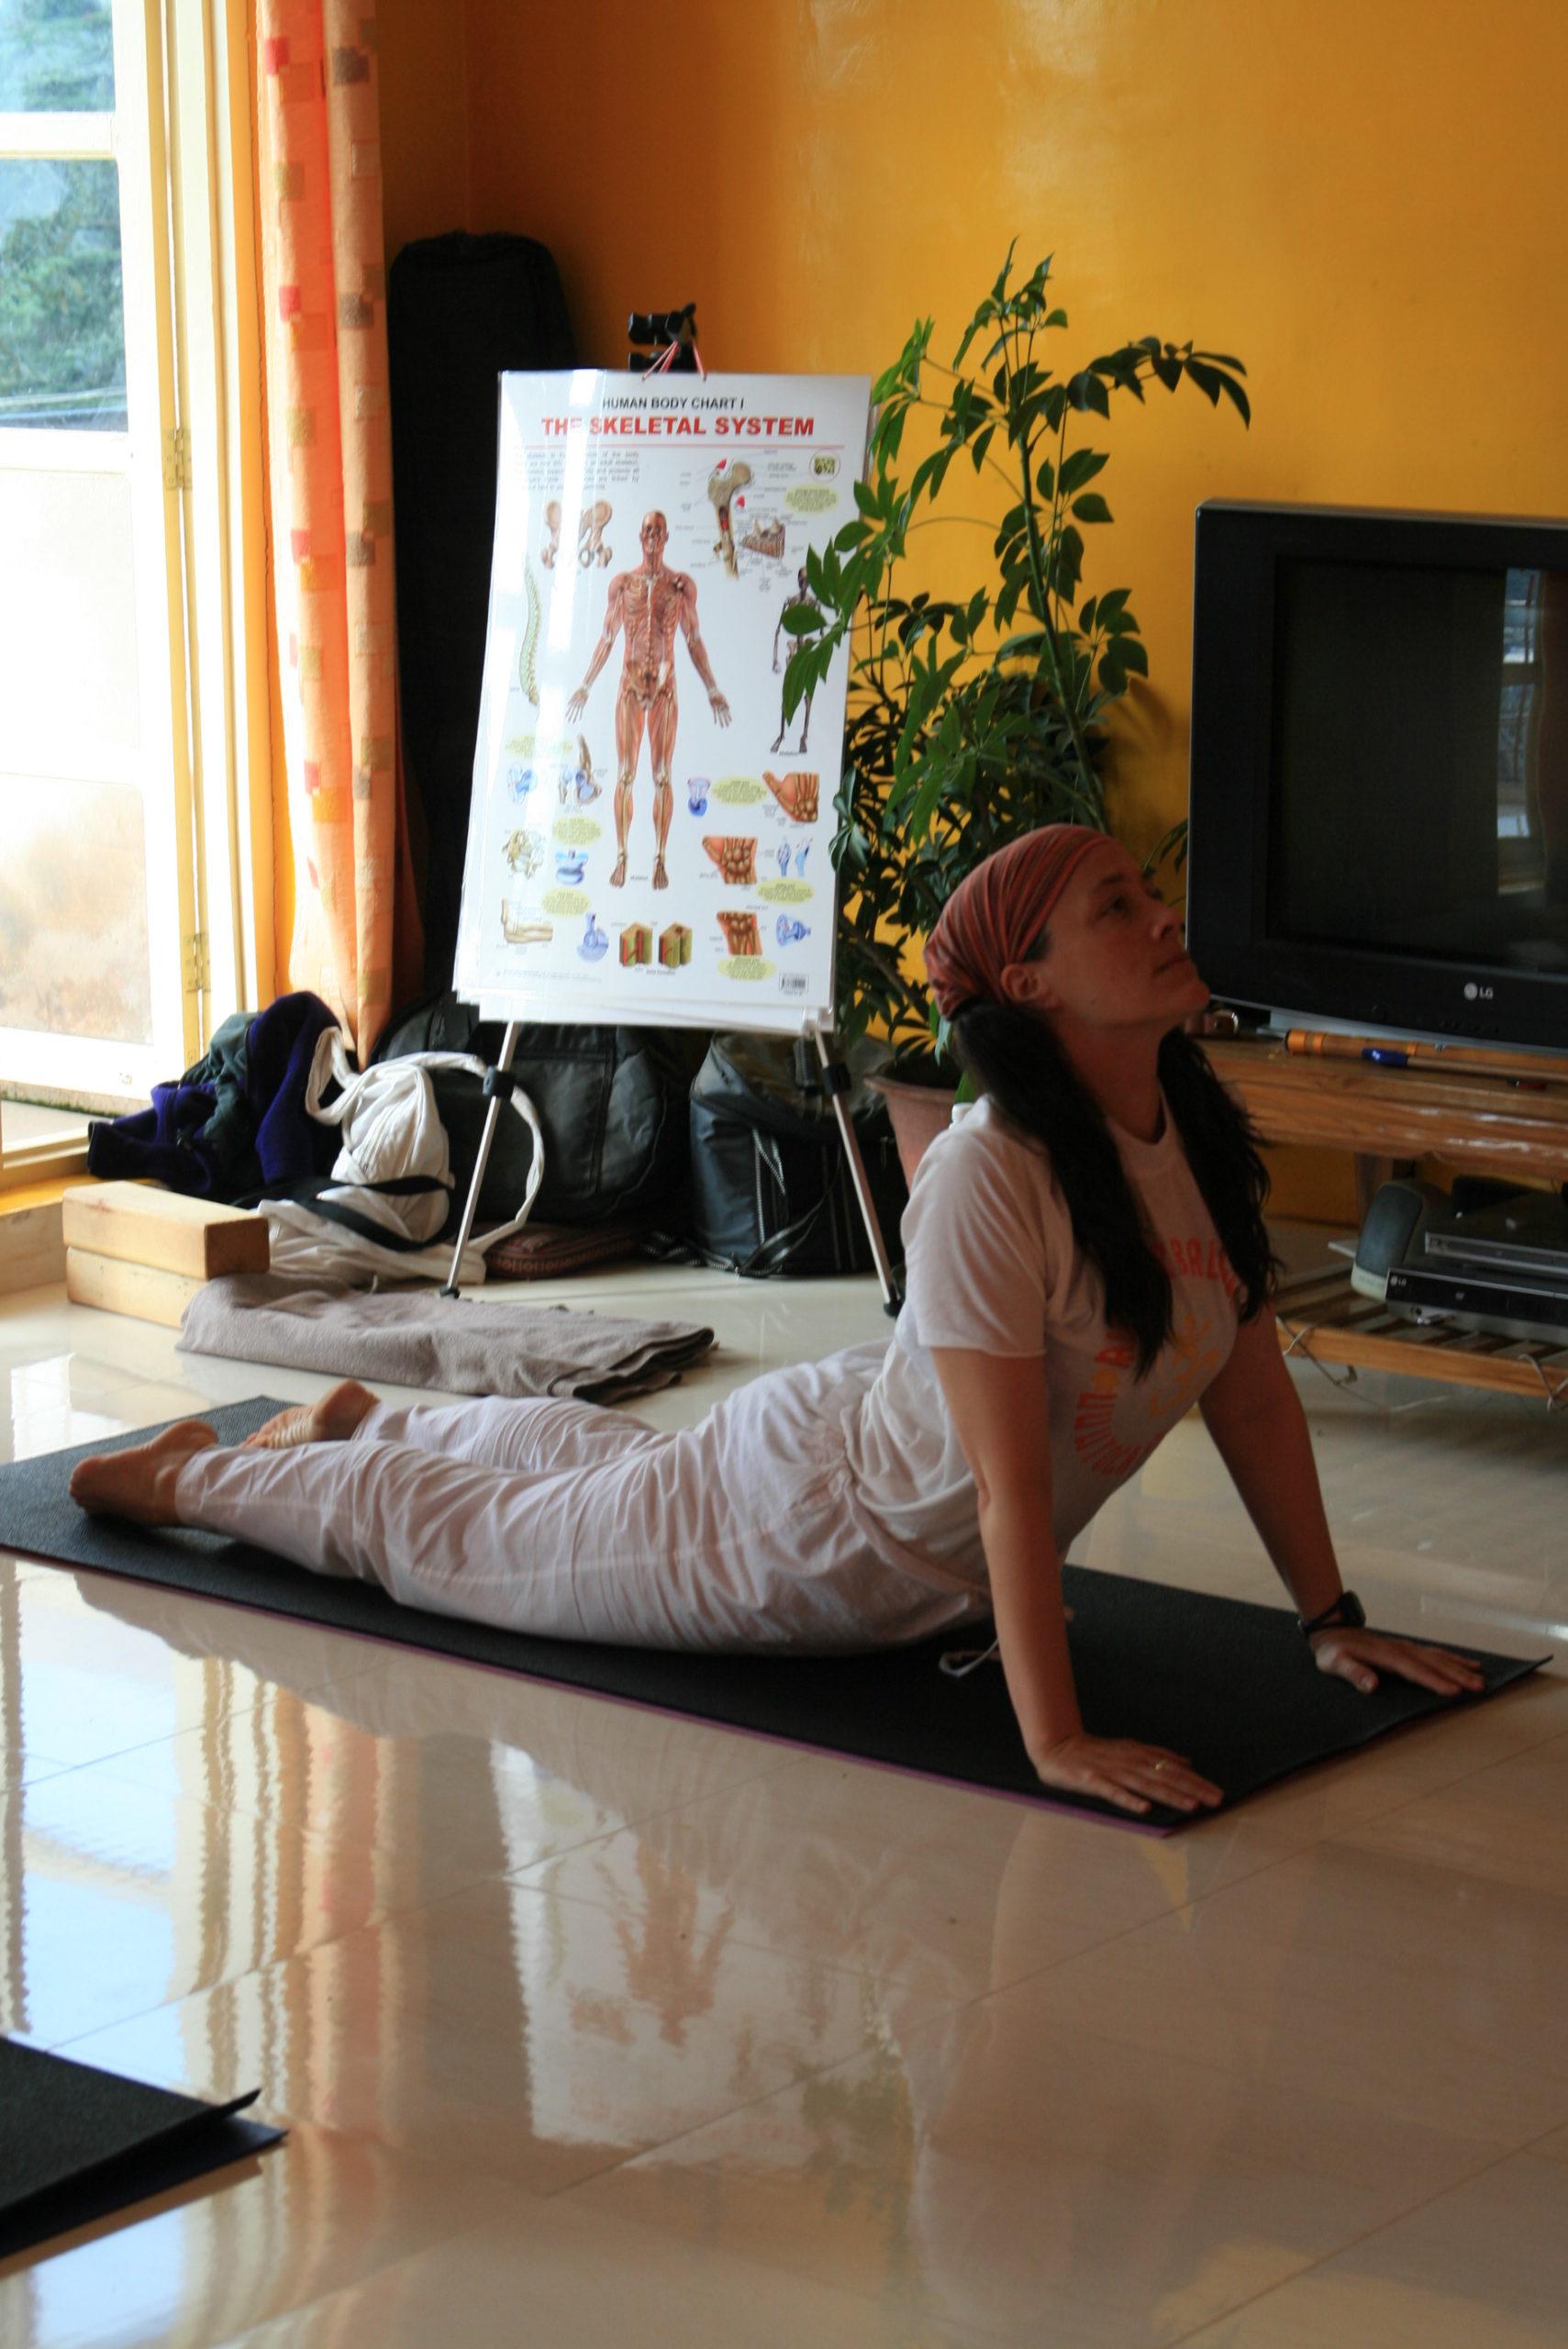 cours de yoga particulier: besoin de se faire regarder?